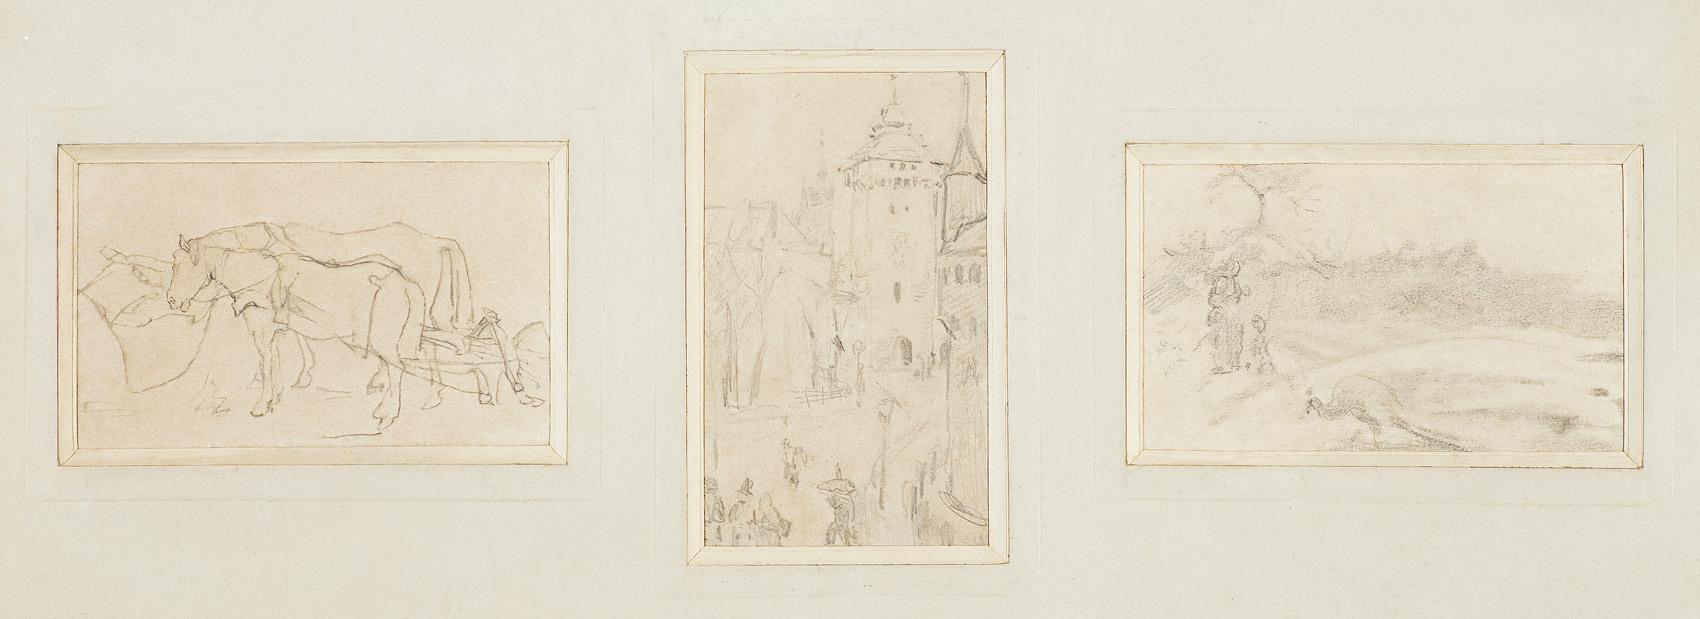 ZBIÓR TRZECH WSPÓŁOPRAWNYCH SZKICÓW, OK. 1872-79